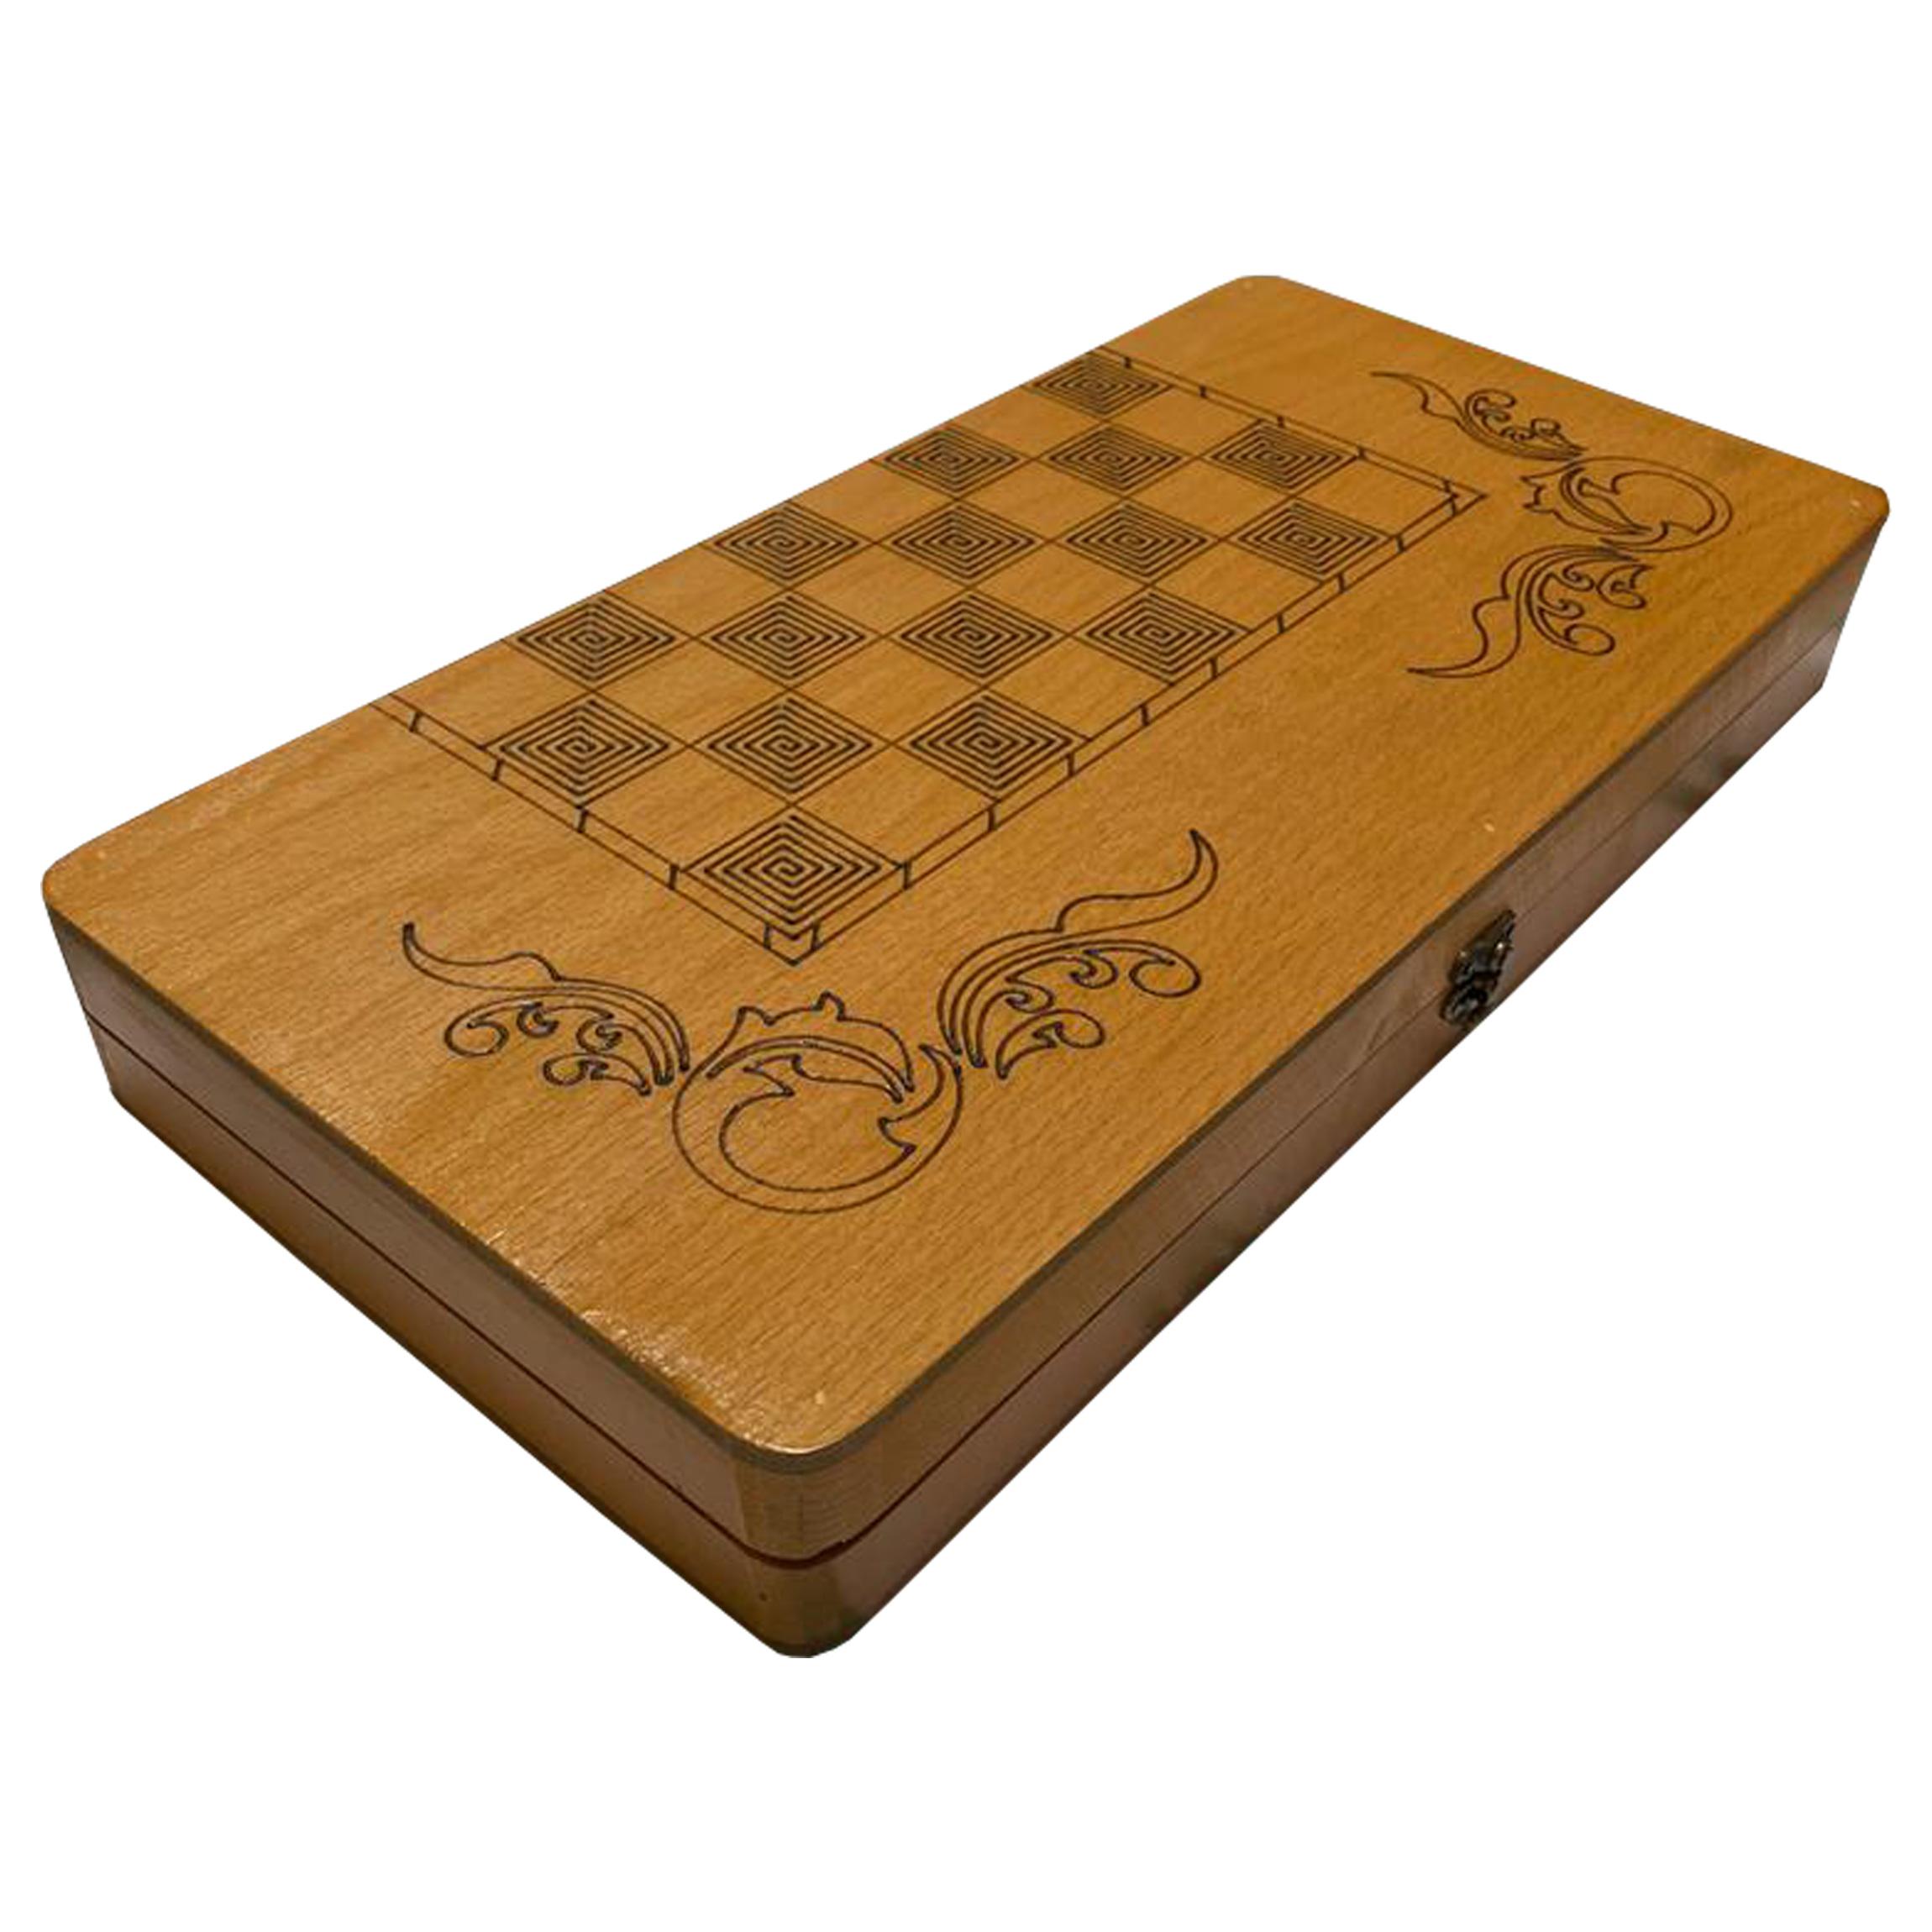 خرید صفحه شطرنج مدل Hakha